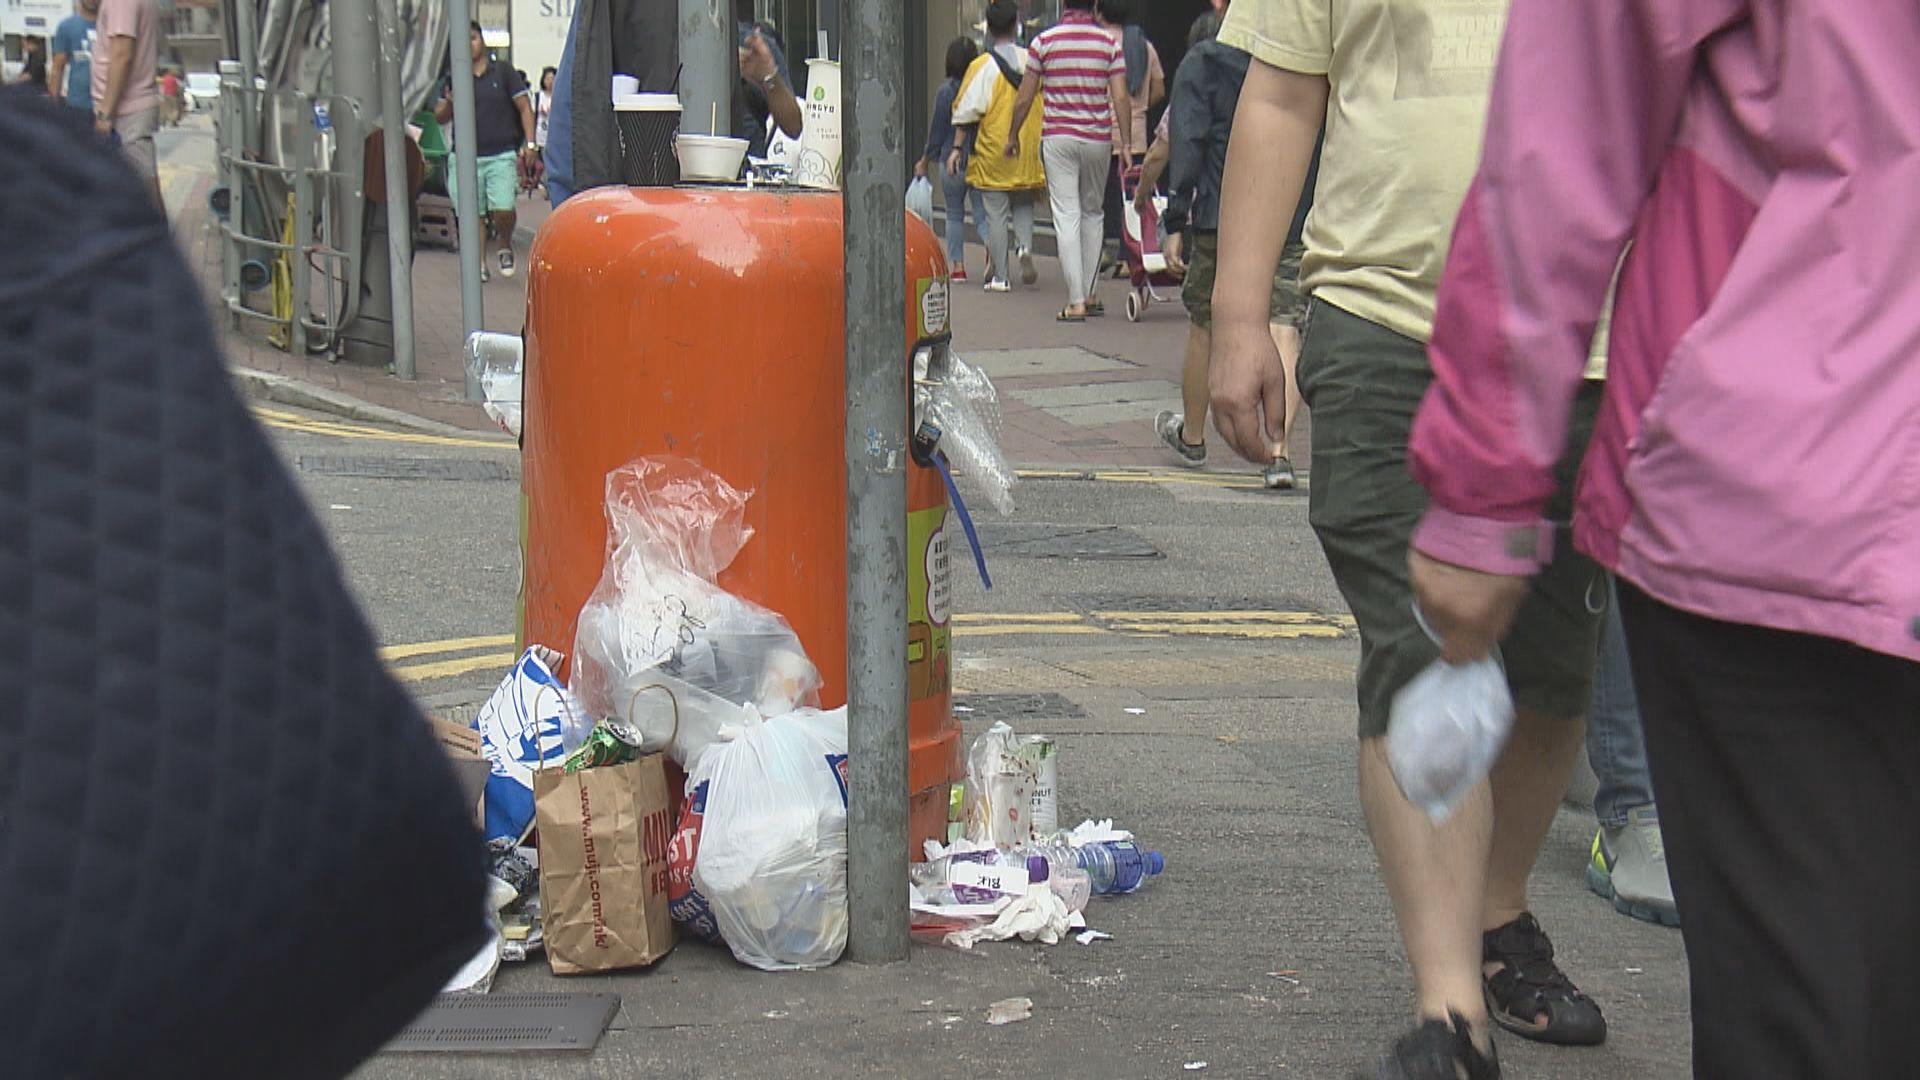 黃錦星:18個月後落實垃圾徵費要視乎經濟情況